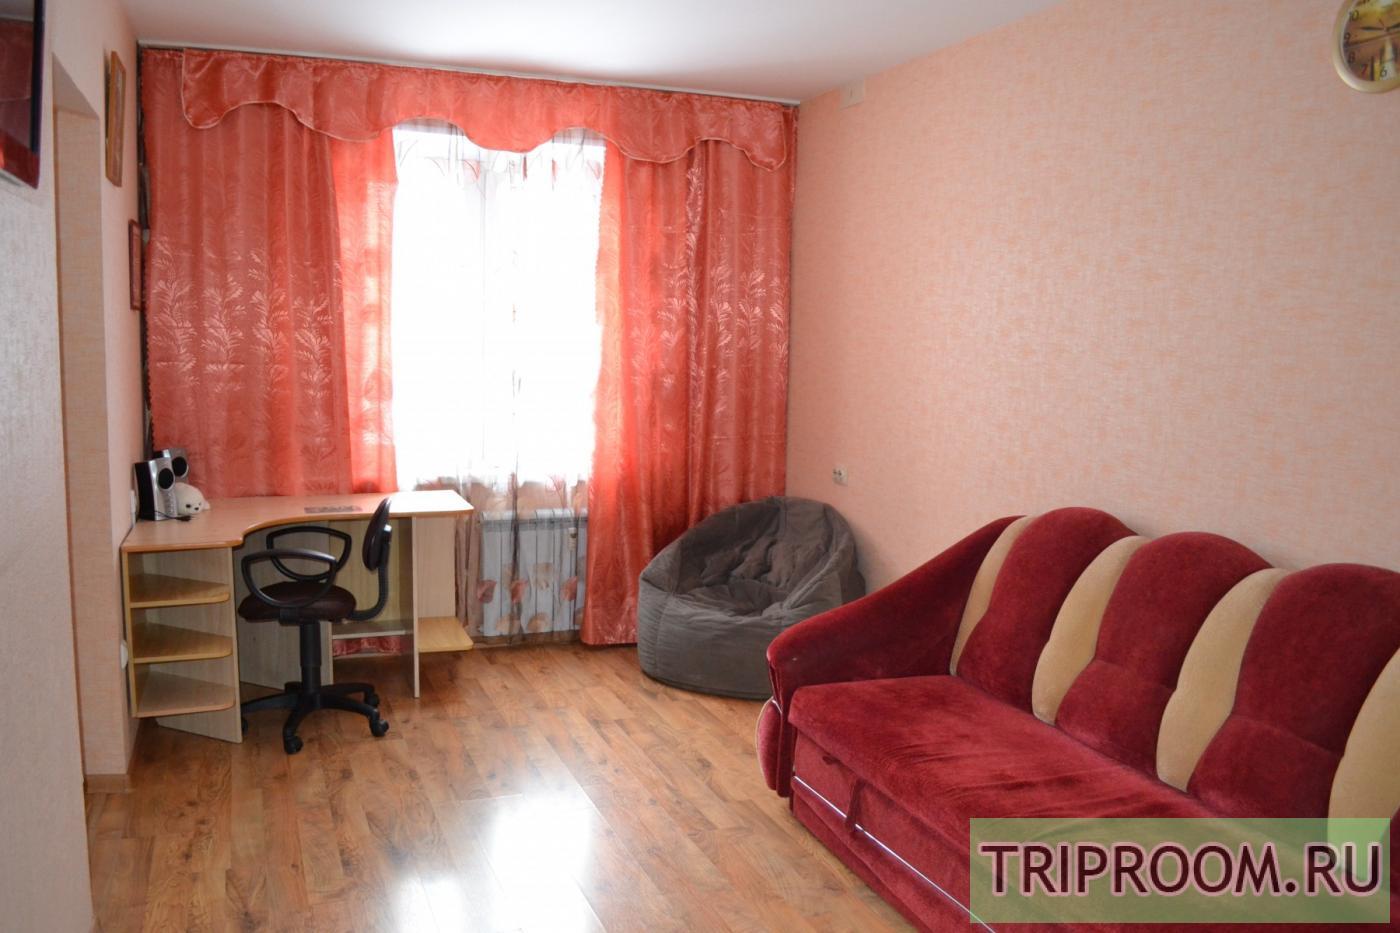 1-комнатная квартира посуточно (вариант № 10439), ул. Александра Шмакова улица, фото № 2